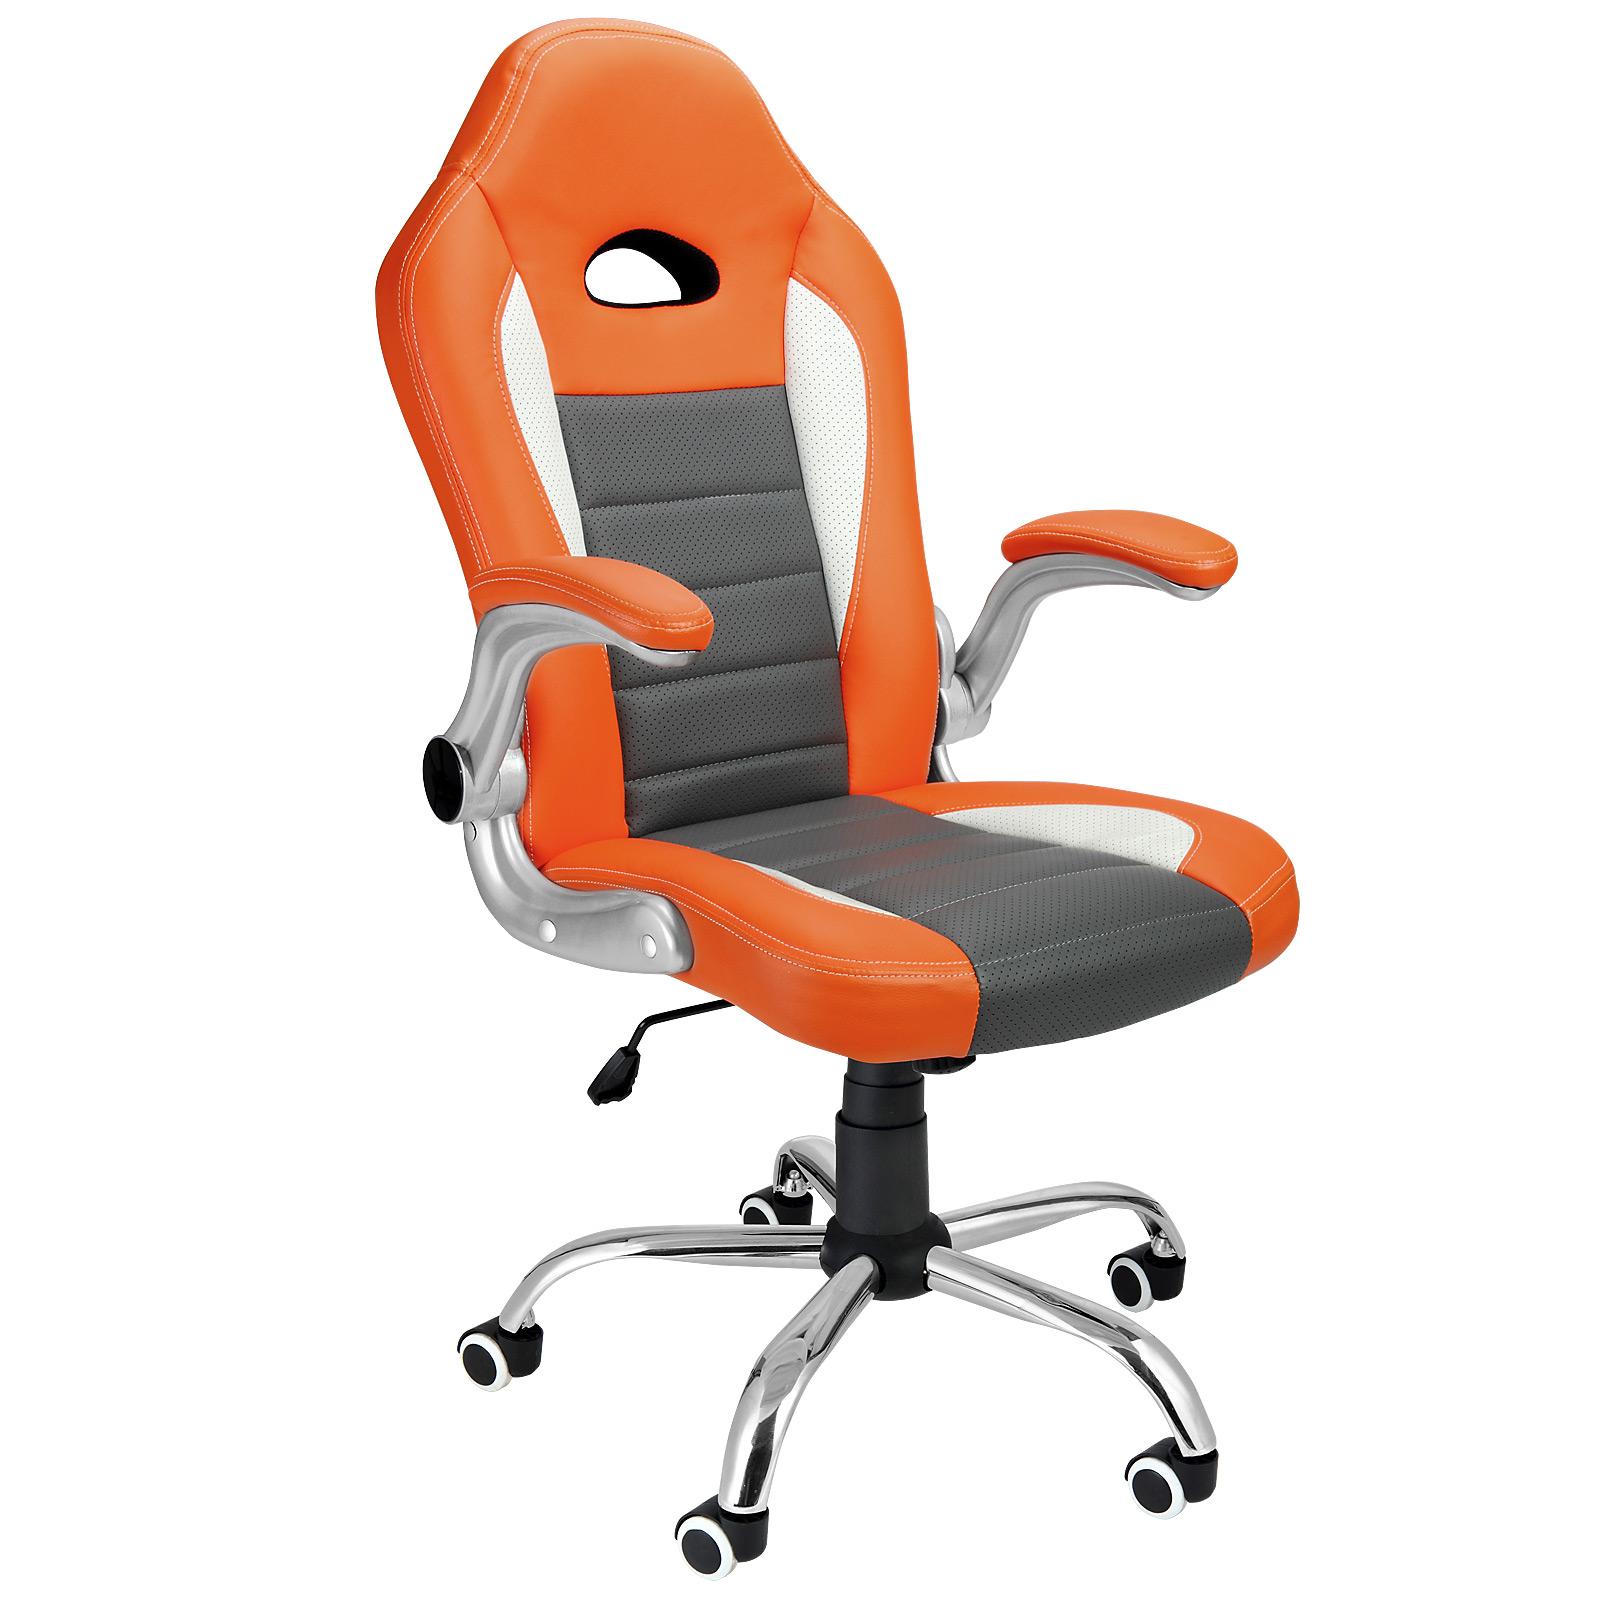 fauteuil chaise de bureau diff rents mod les au choix diff rentes couleurs ebay. Black Bedroom Furniture Sets. Home Design Ideas